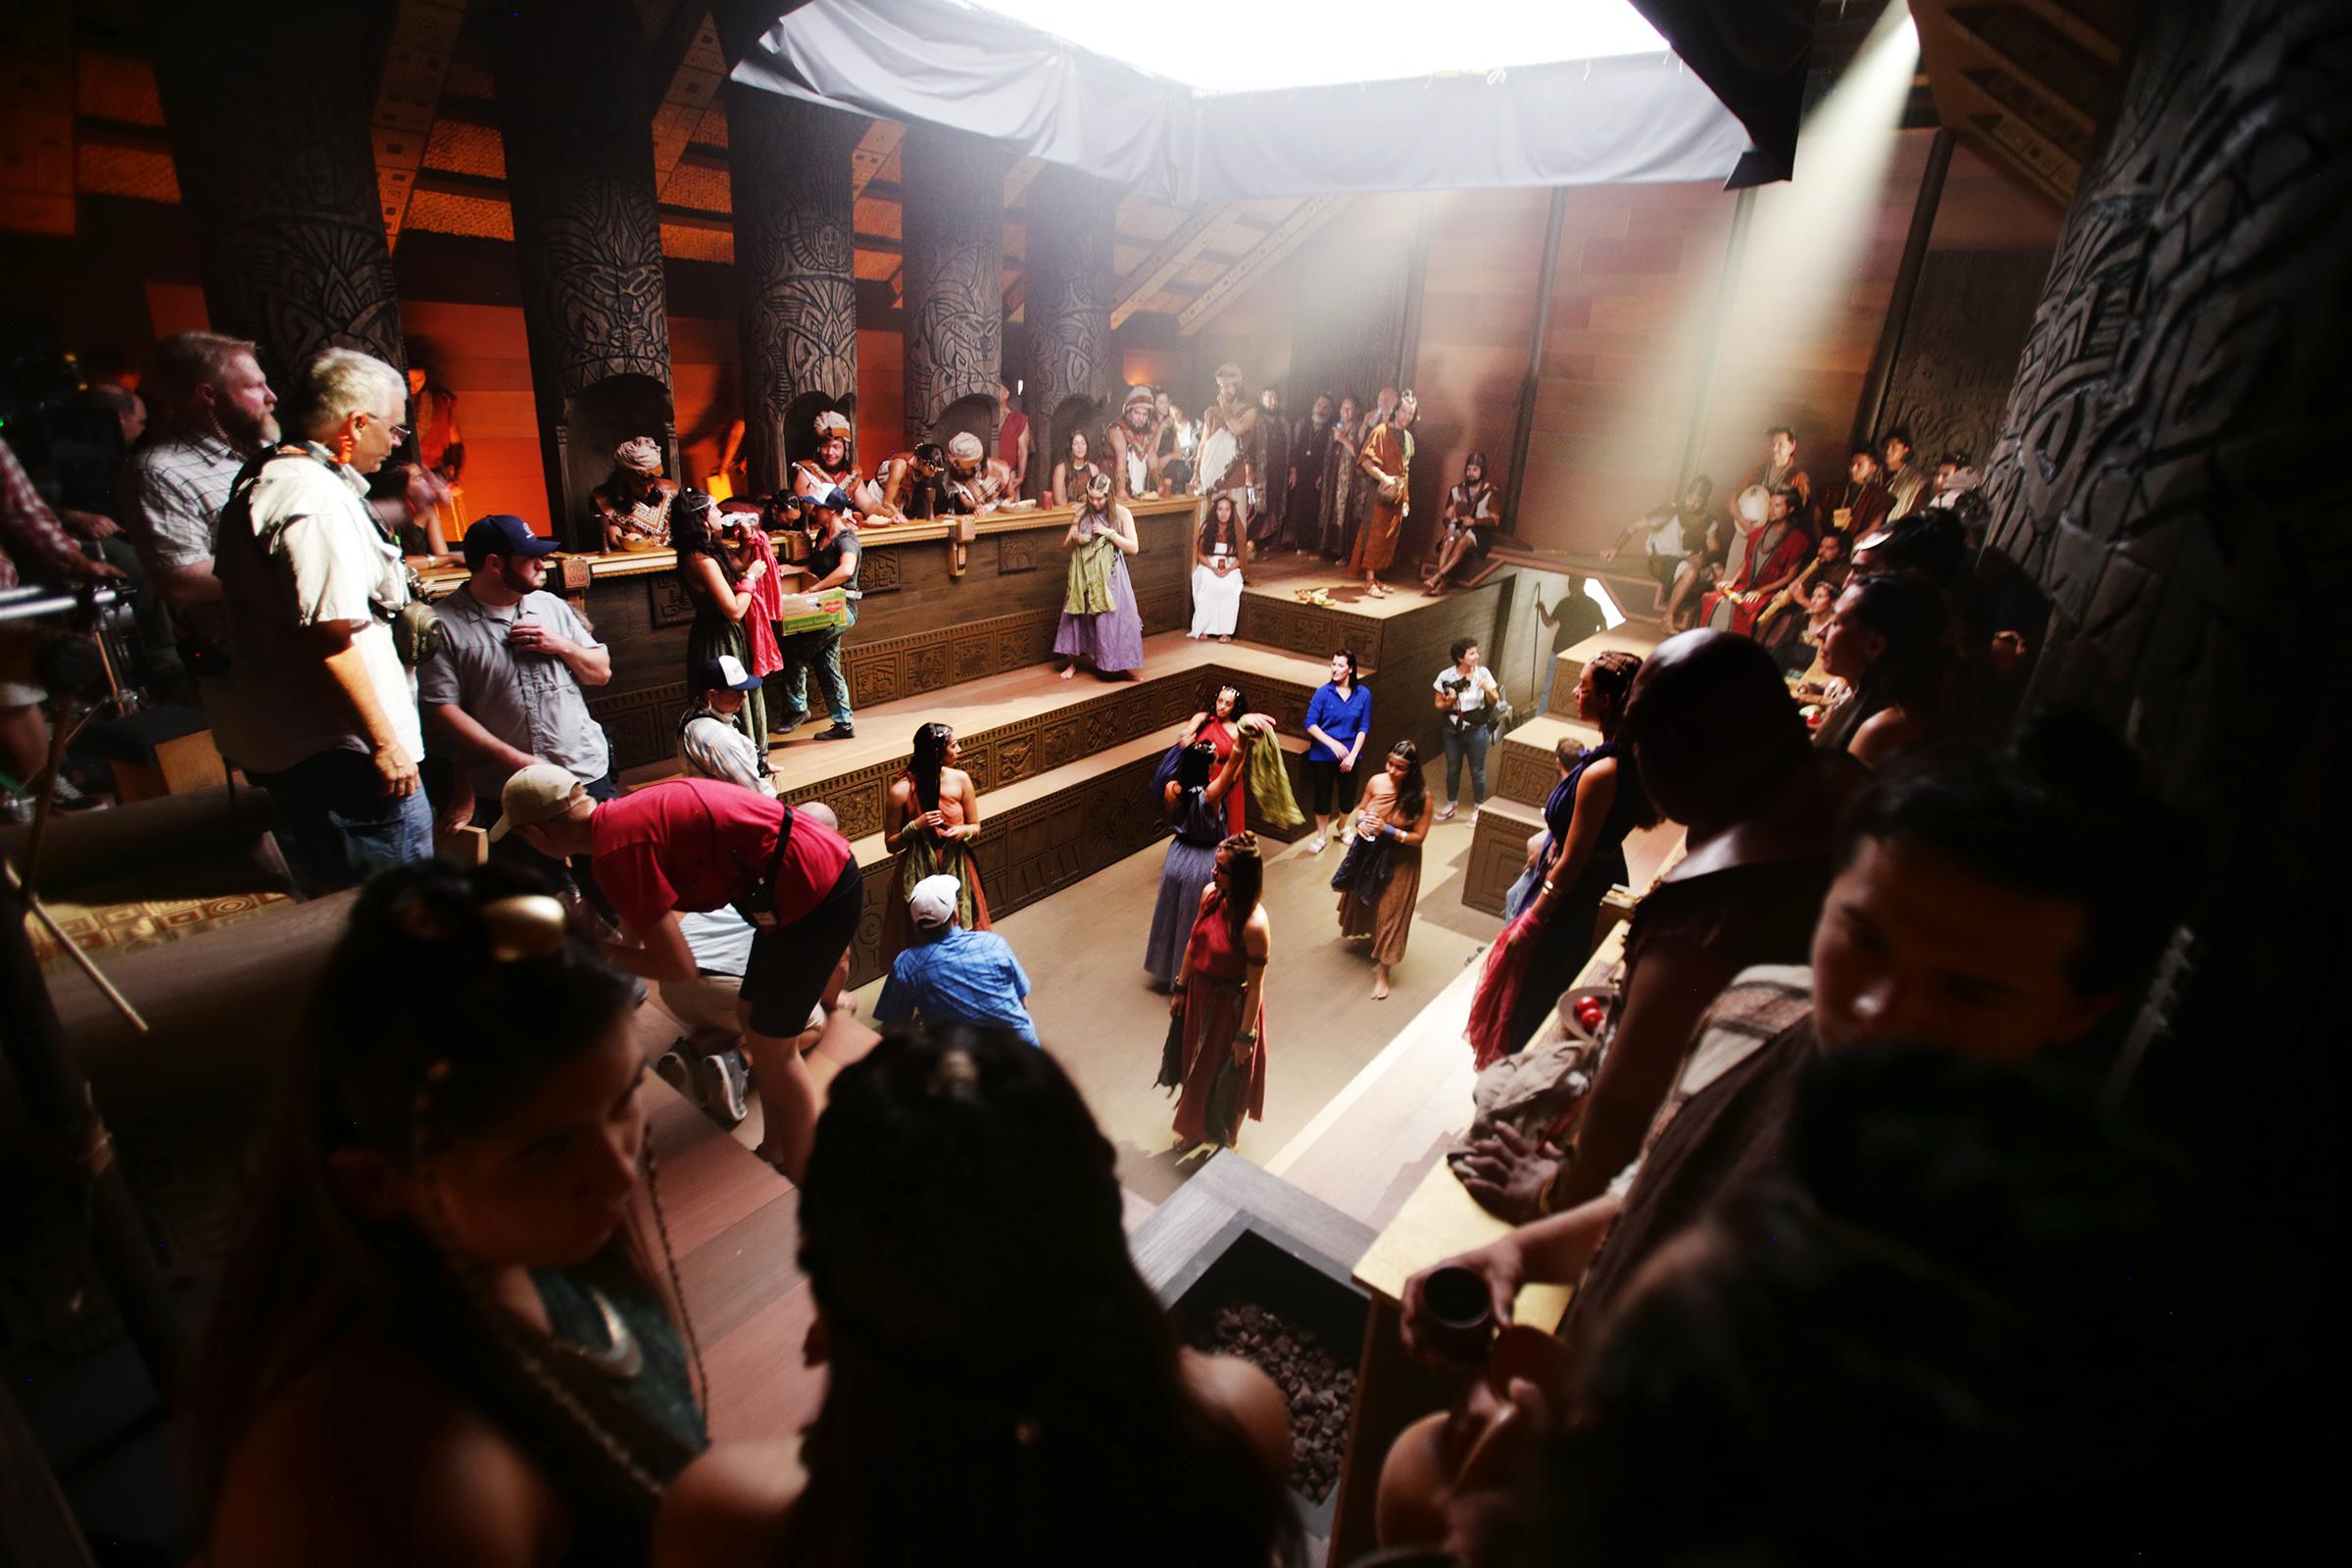 La representación de la corte del rey Noé que se usa para el rodaje a medida que avanza el trabajo en la producción de la serie de videos del Libro de Mormón en Provo, Utah, en el Motion Picture Studio, el martes 3 de sept. de 2019.